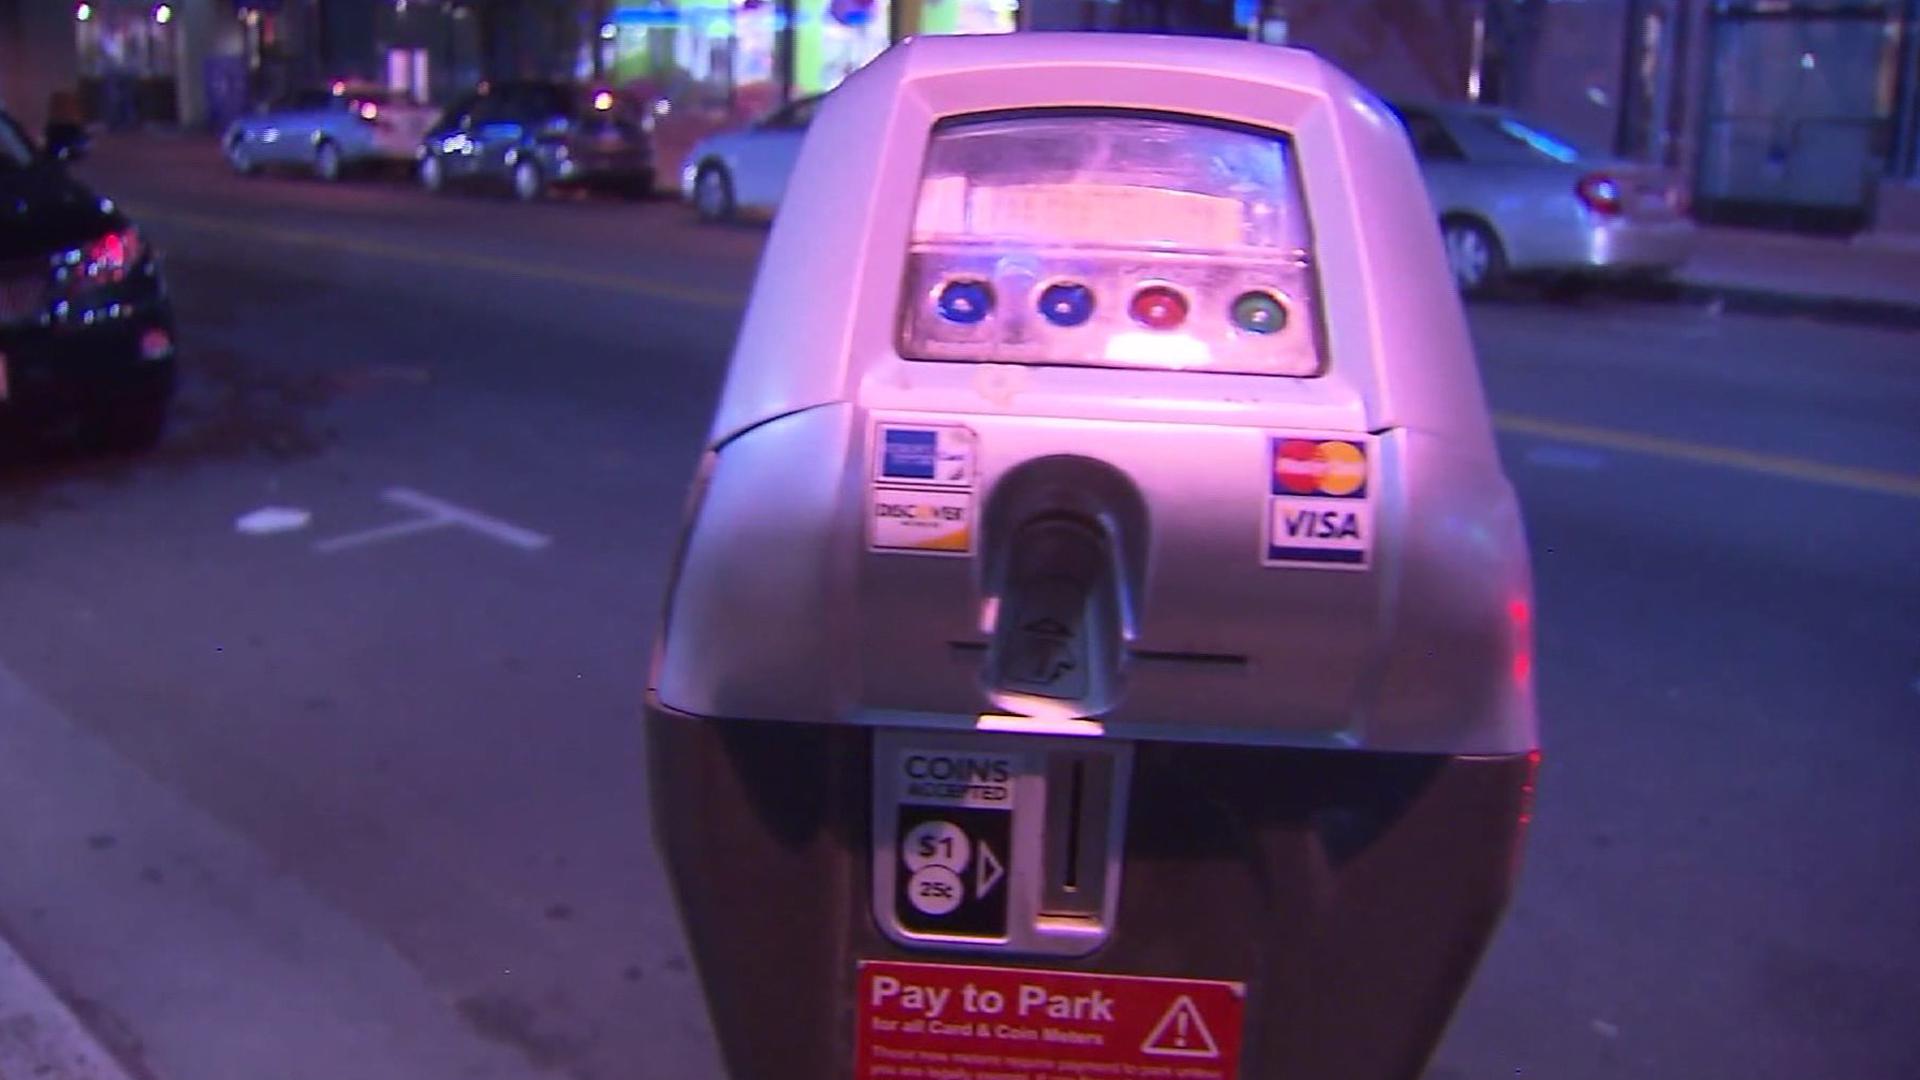 filephoto-parking-meter